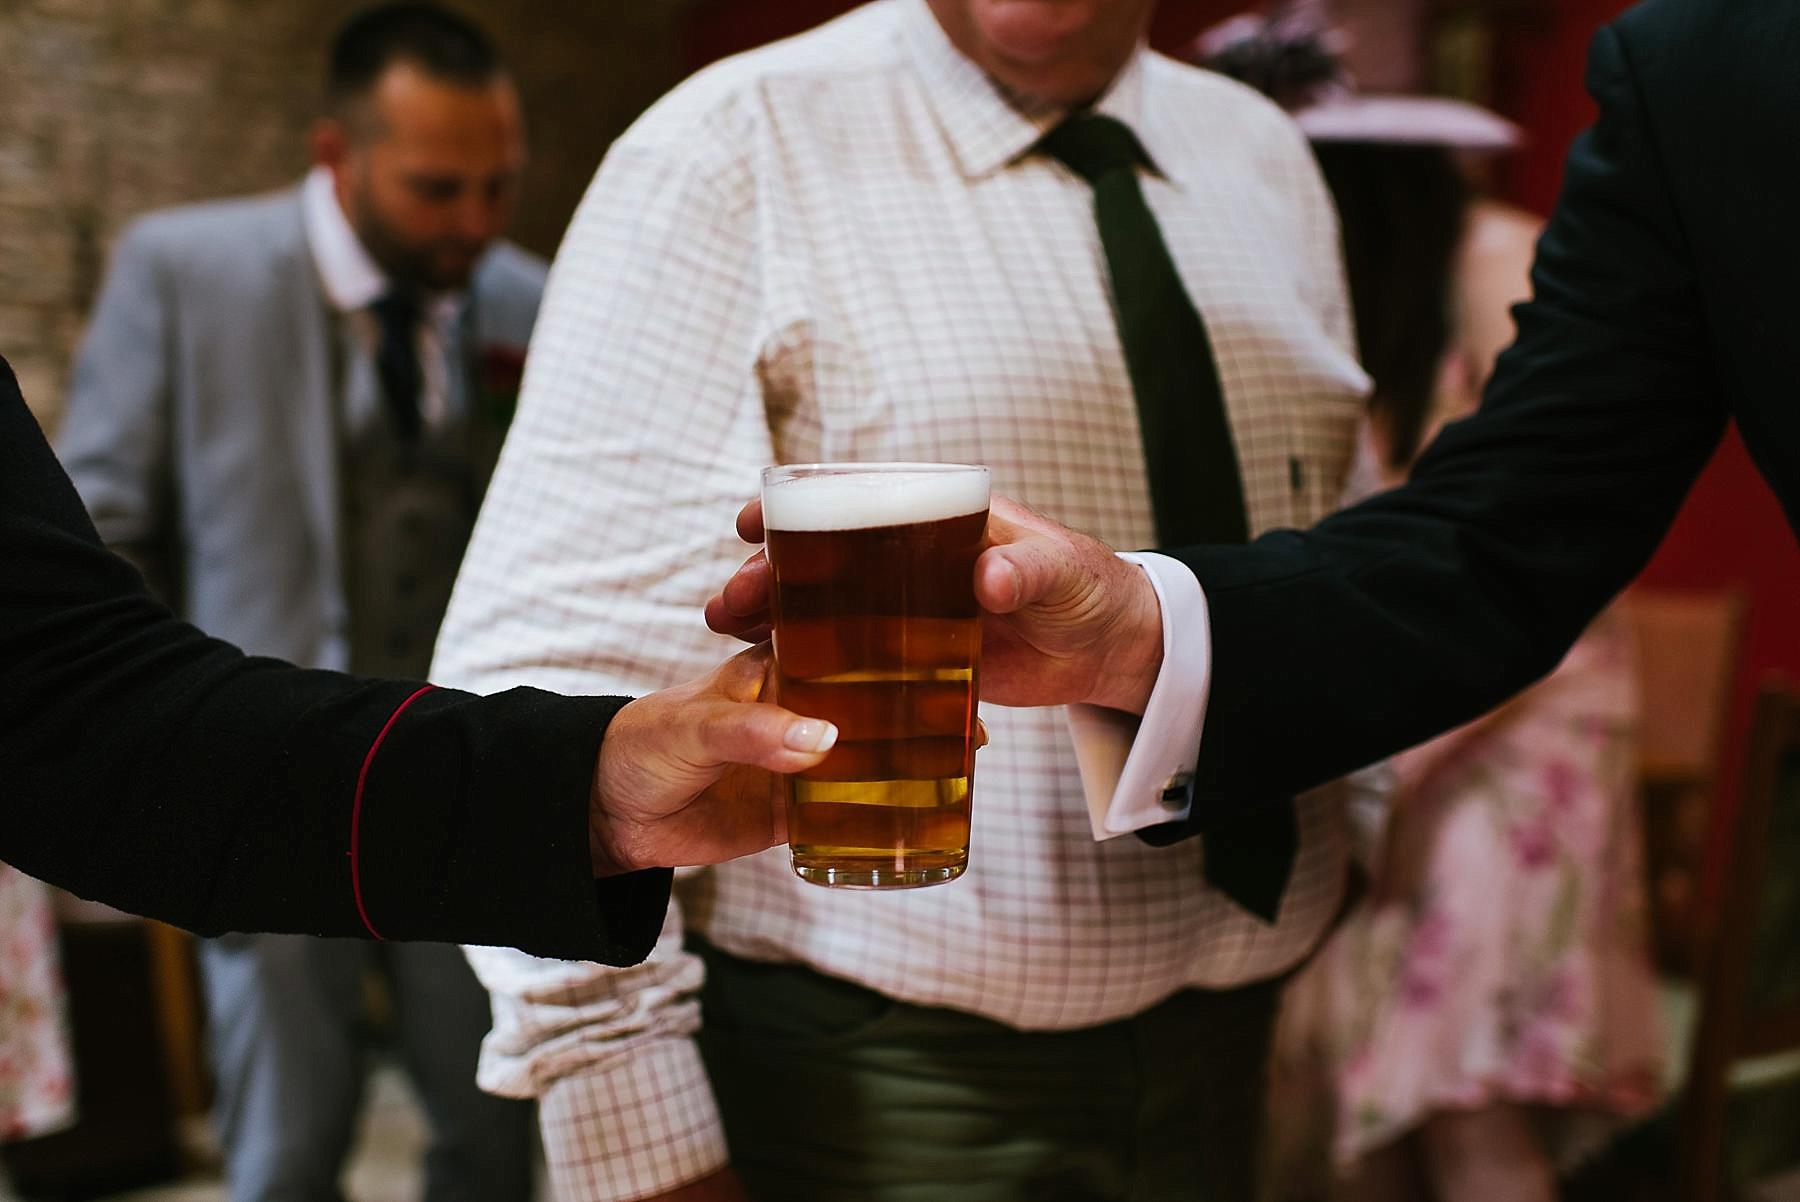 handing over a pint of beer